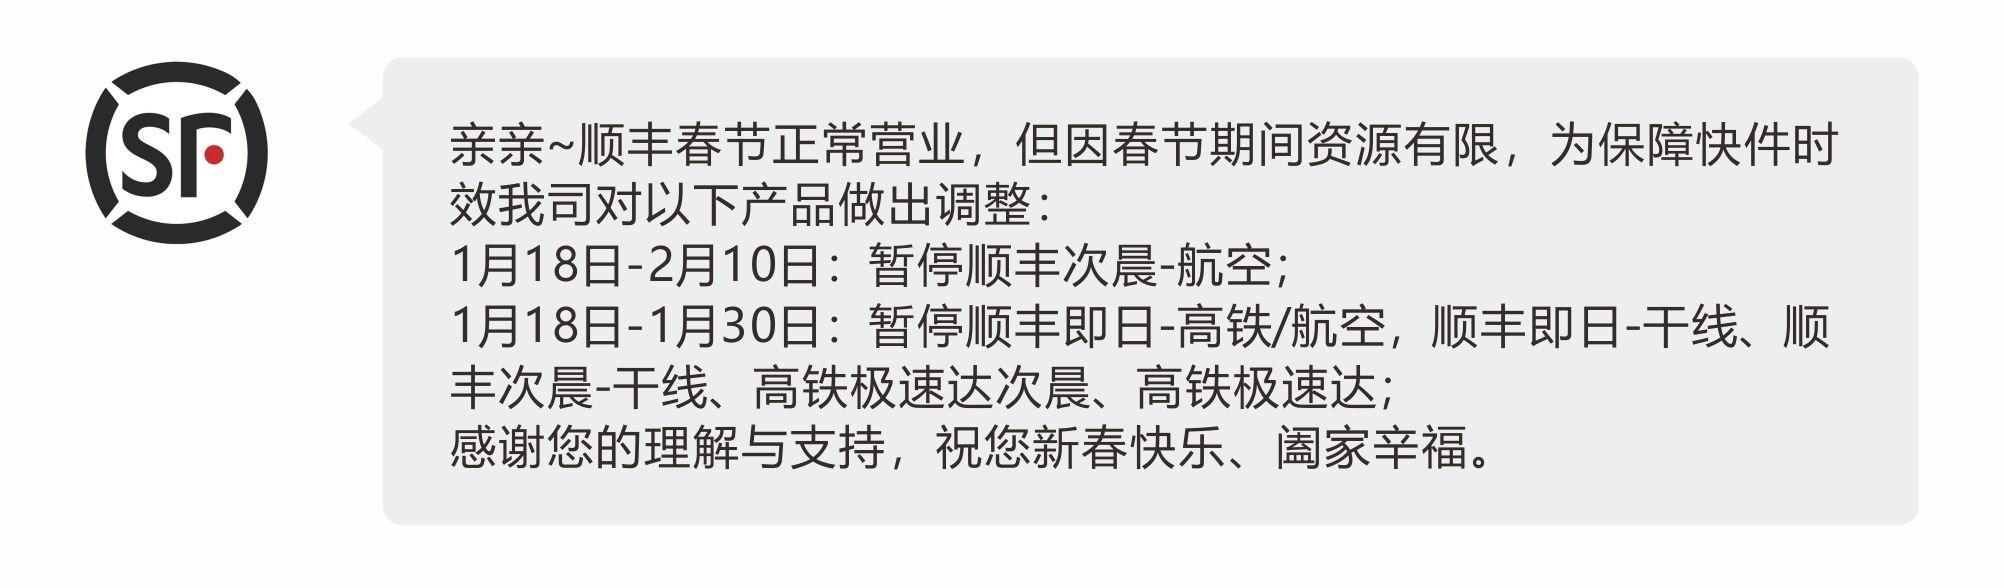 2020年春节快递放假OR不放假?官方消息在这里!